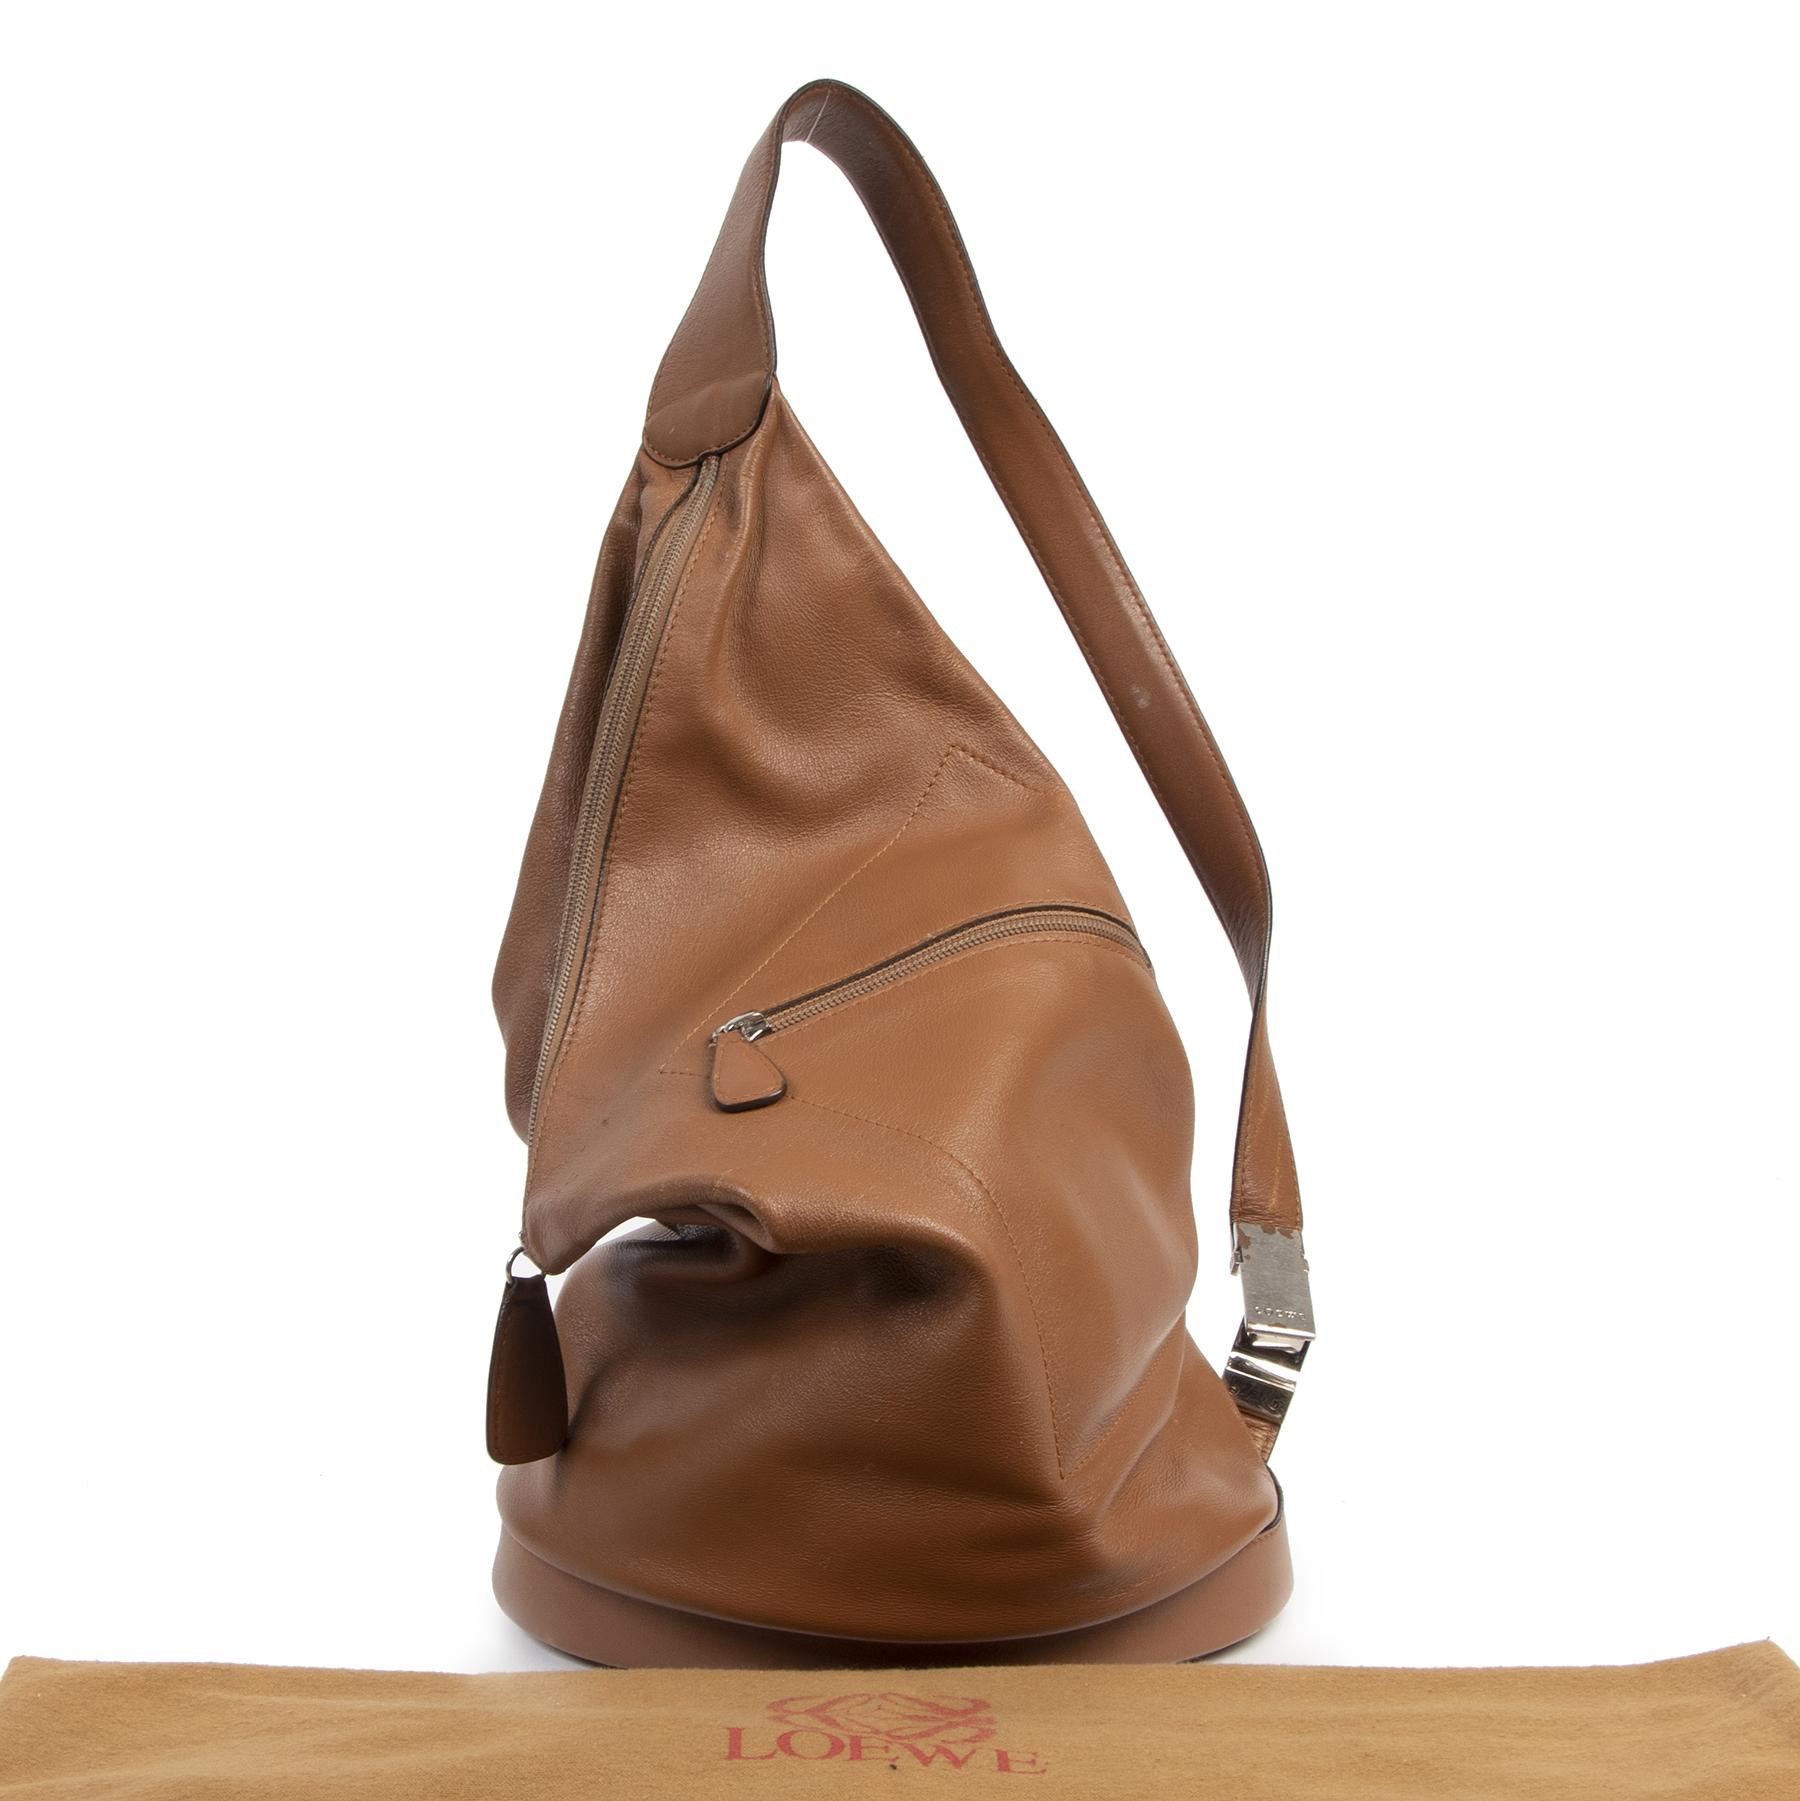 Authentieke tweedehands vintage Loewe Camel Rucksack koop online webshop LabelLOV